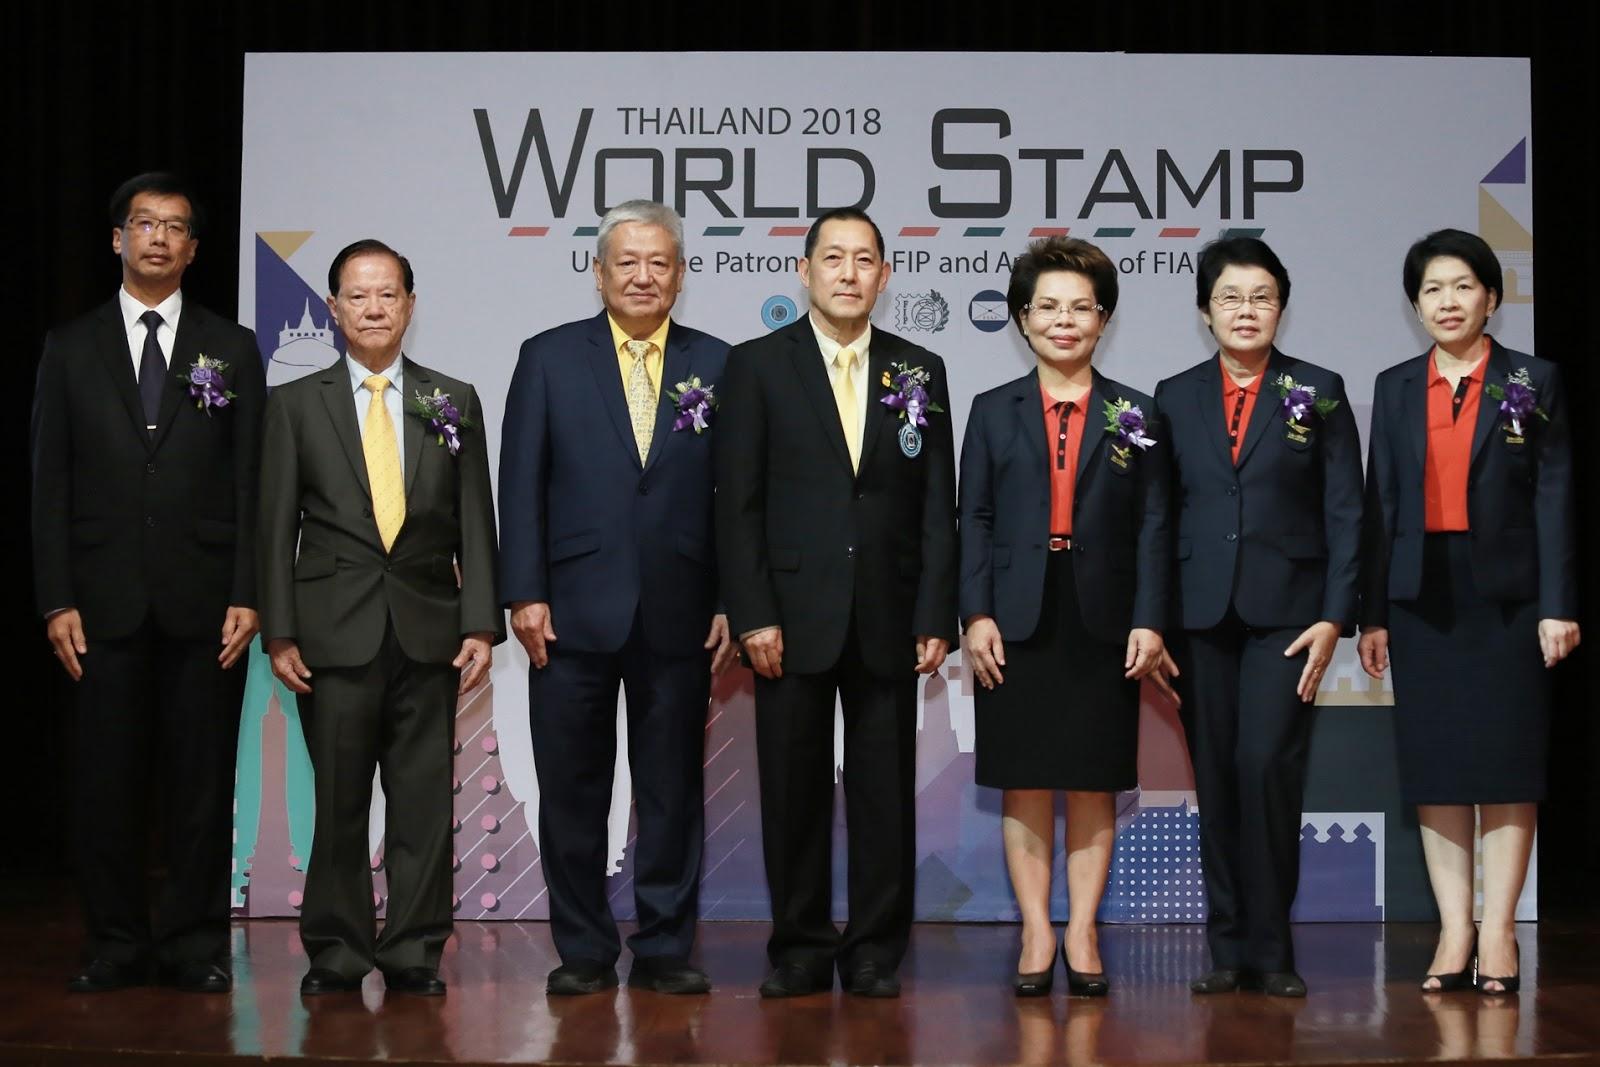 โอกาสครั้งสำคัญ งานแสดงตราไปรษณียากรโลก พ.ศ. 2561 ครั้งยิ่งใหญ่ในประเทศไทย  (Thailand 2018 World Stamp Exhibition)